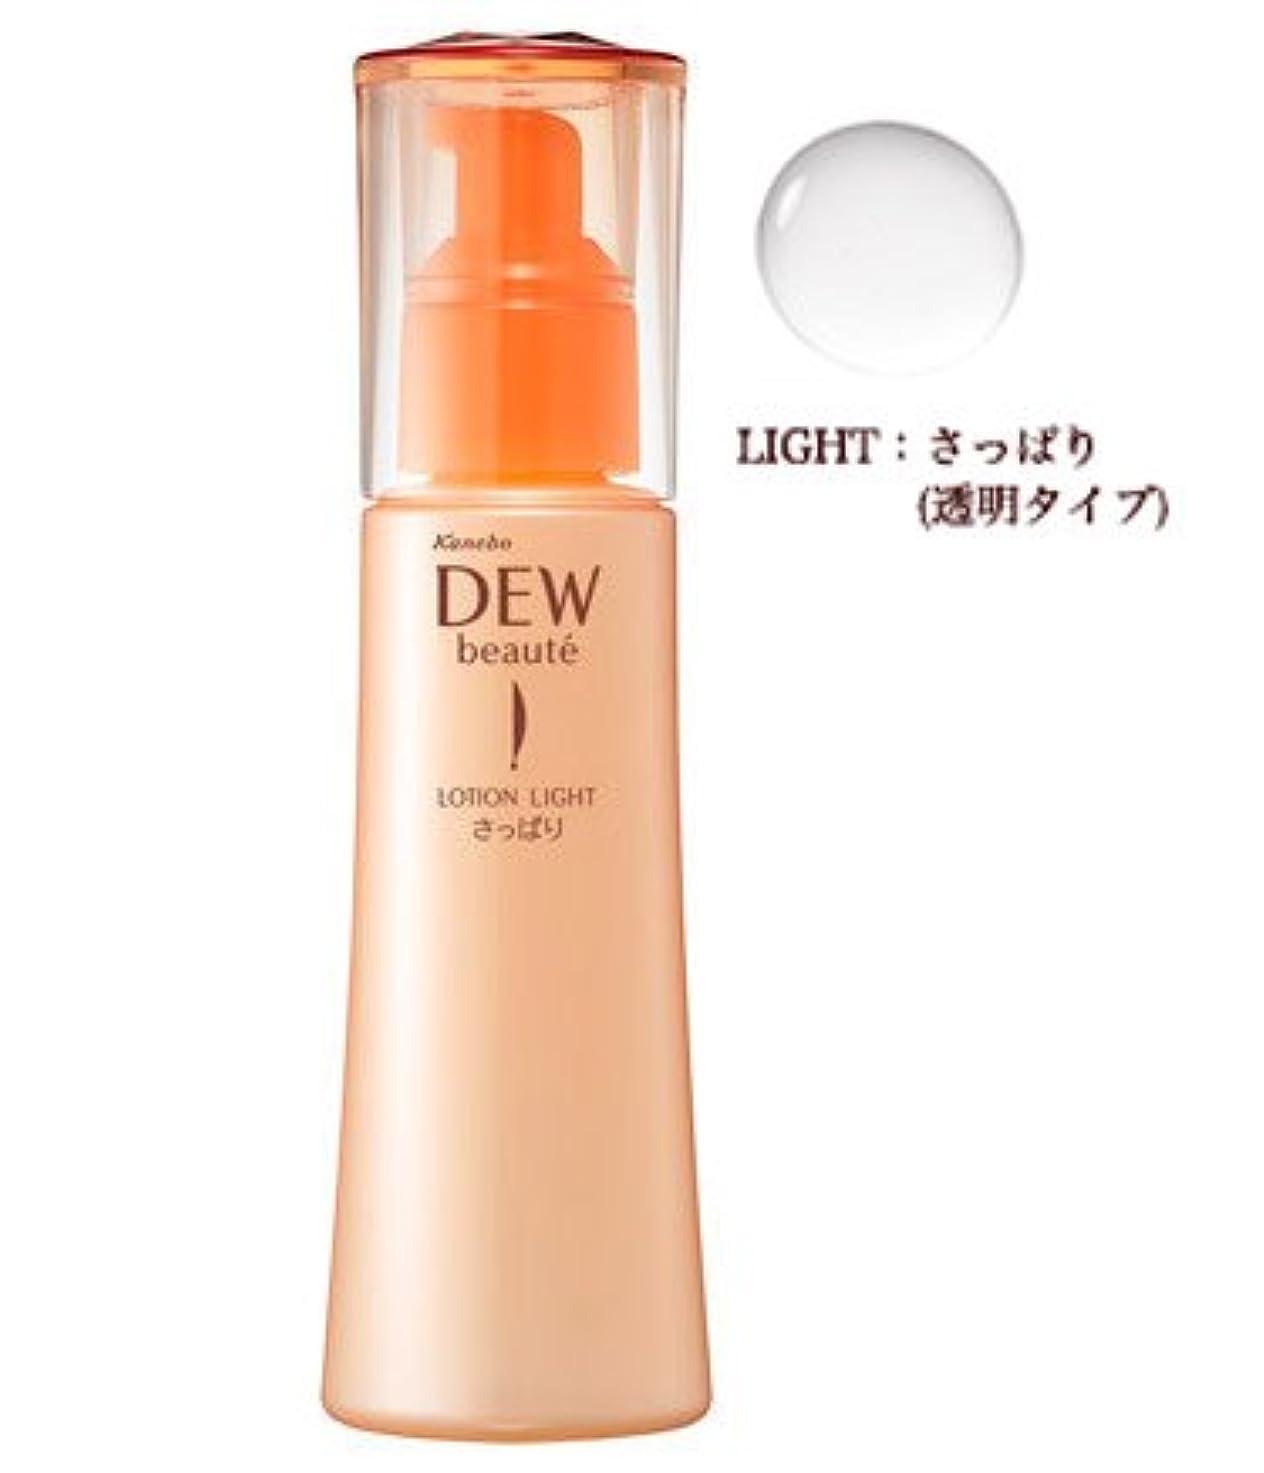 農場抗生物質ポルティコ【カネボウ化粧品】DEW ボーテ ローションライト 150ml